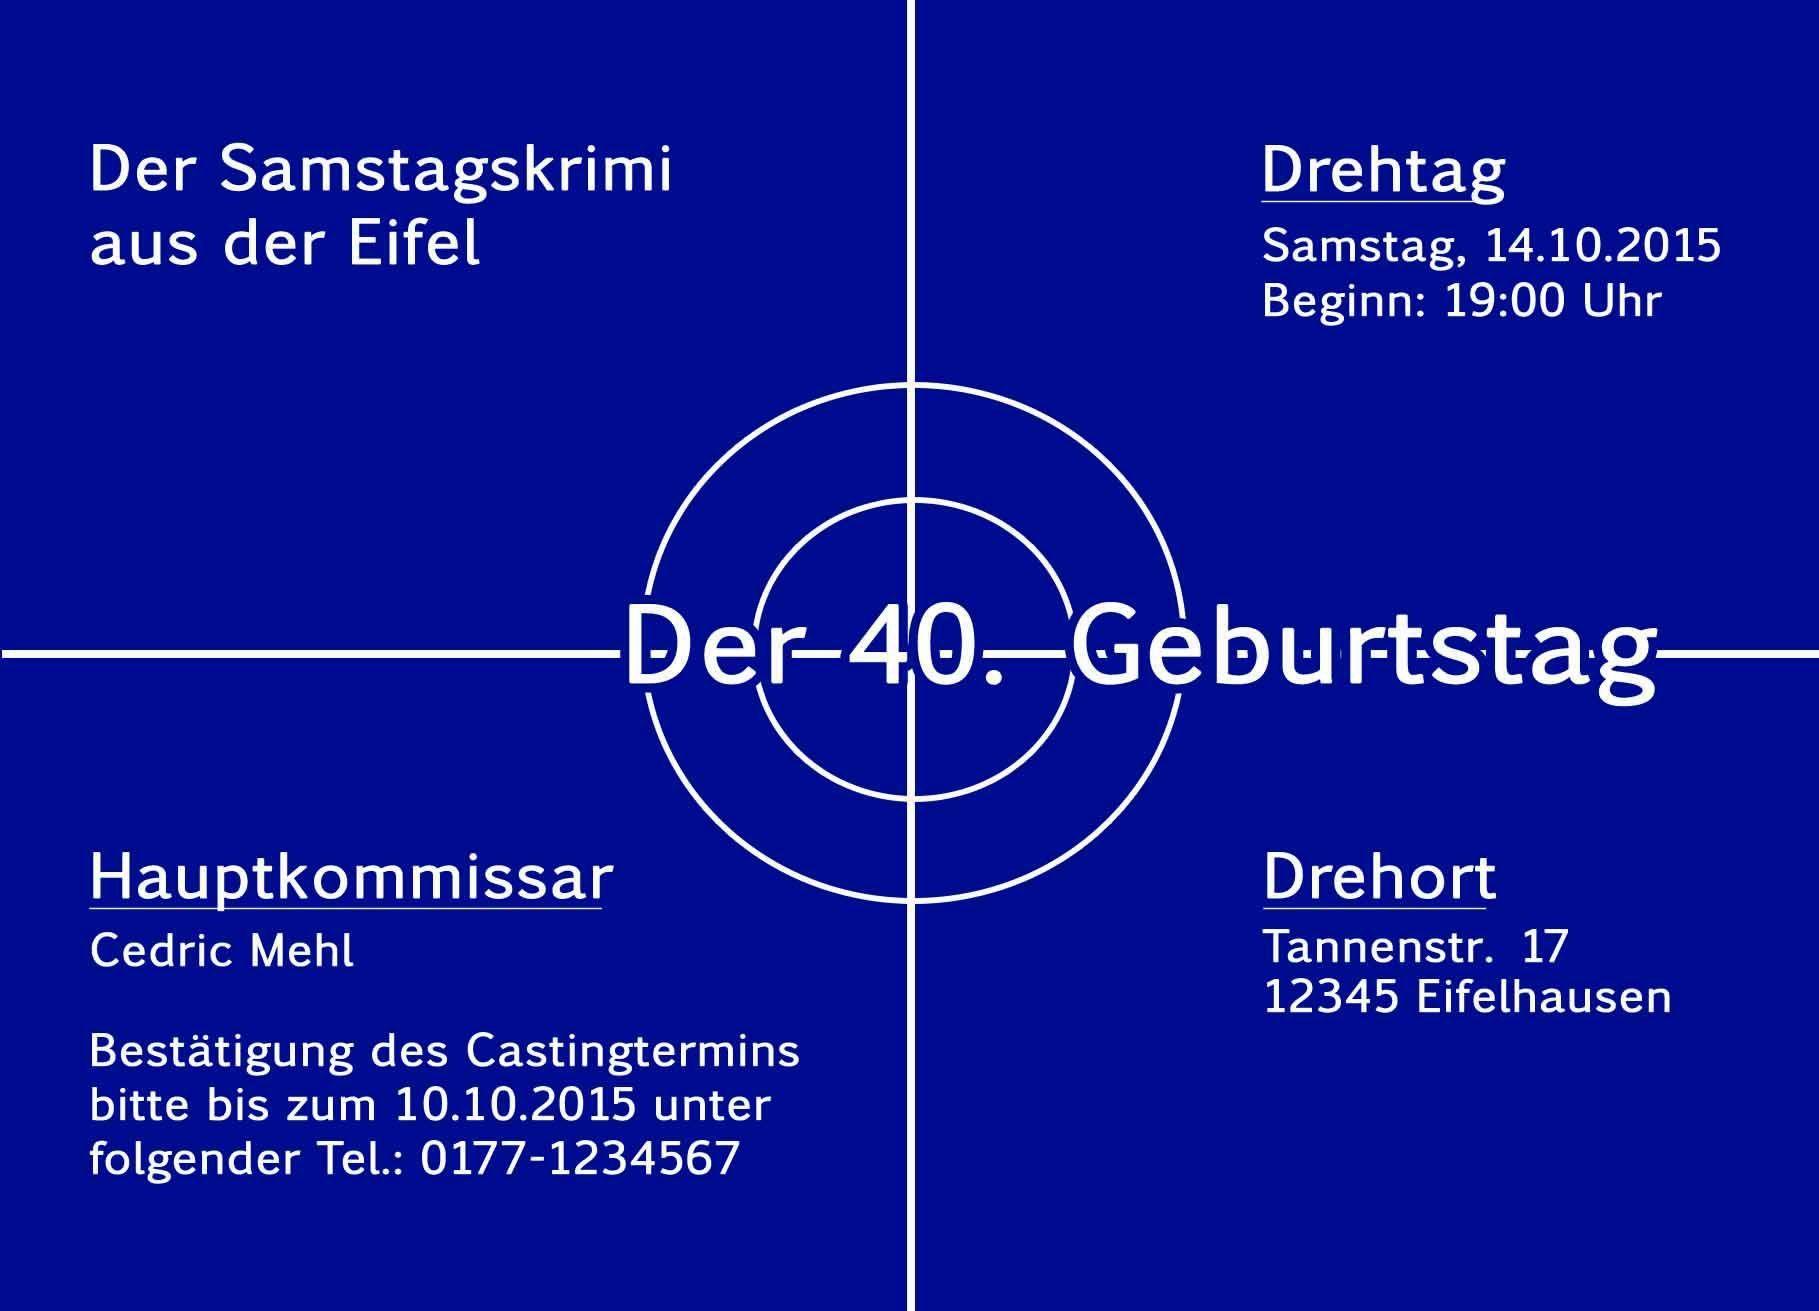 Einladungskarten Geburtstag : Einladungskarten 40 Geburtstag Witzig    Einladung Zum Geburtstag   Einladung Zum Geburtstag